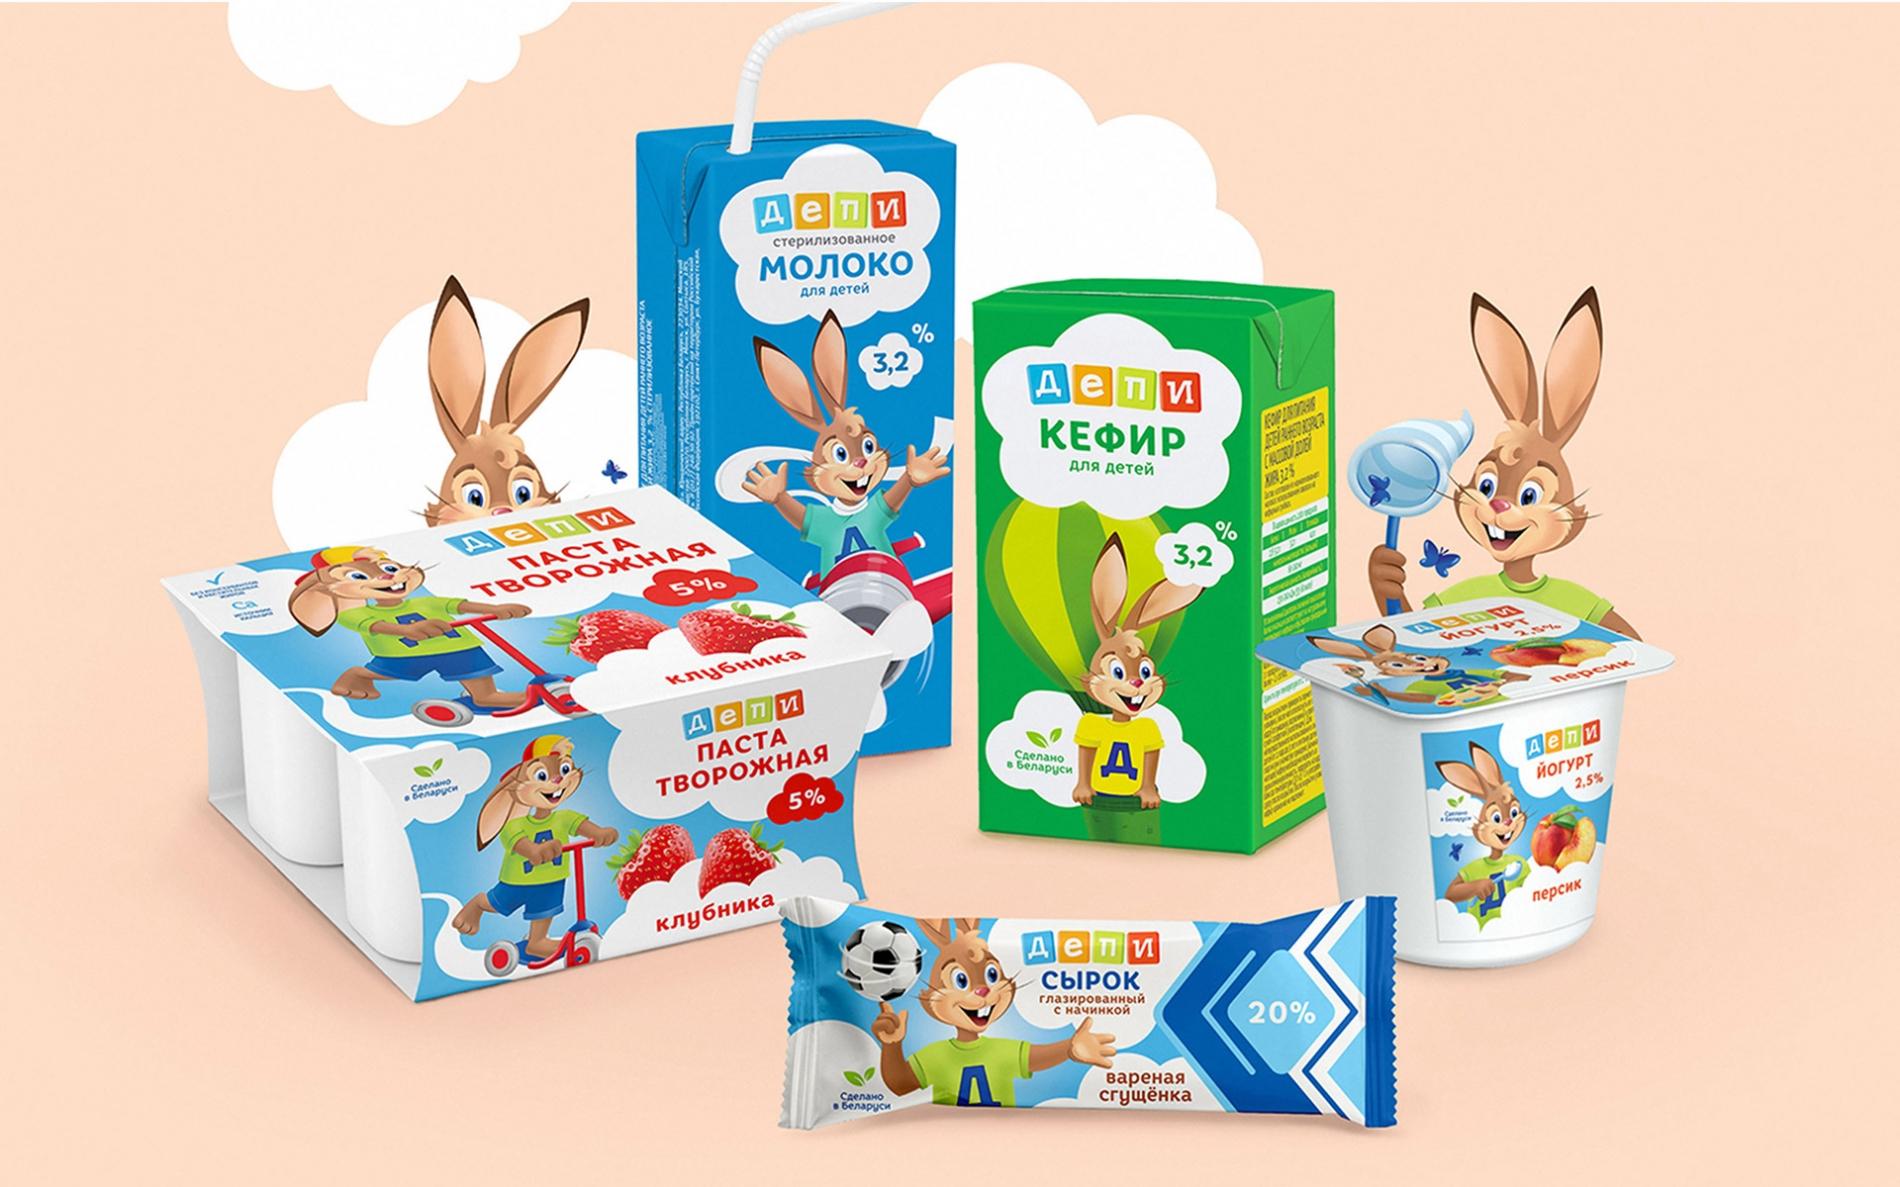 Редизайн детской молочной линейки ТМ «Депи»